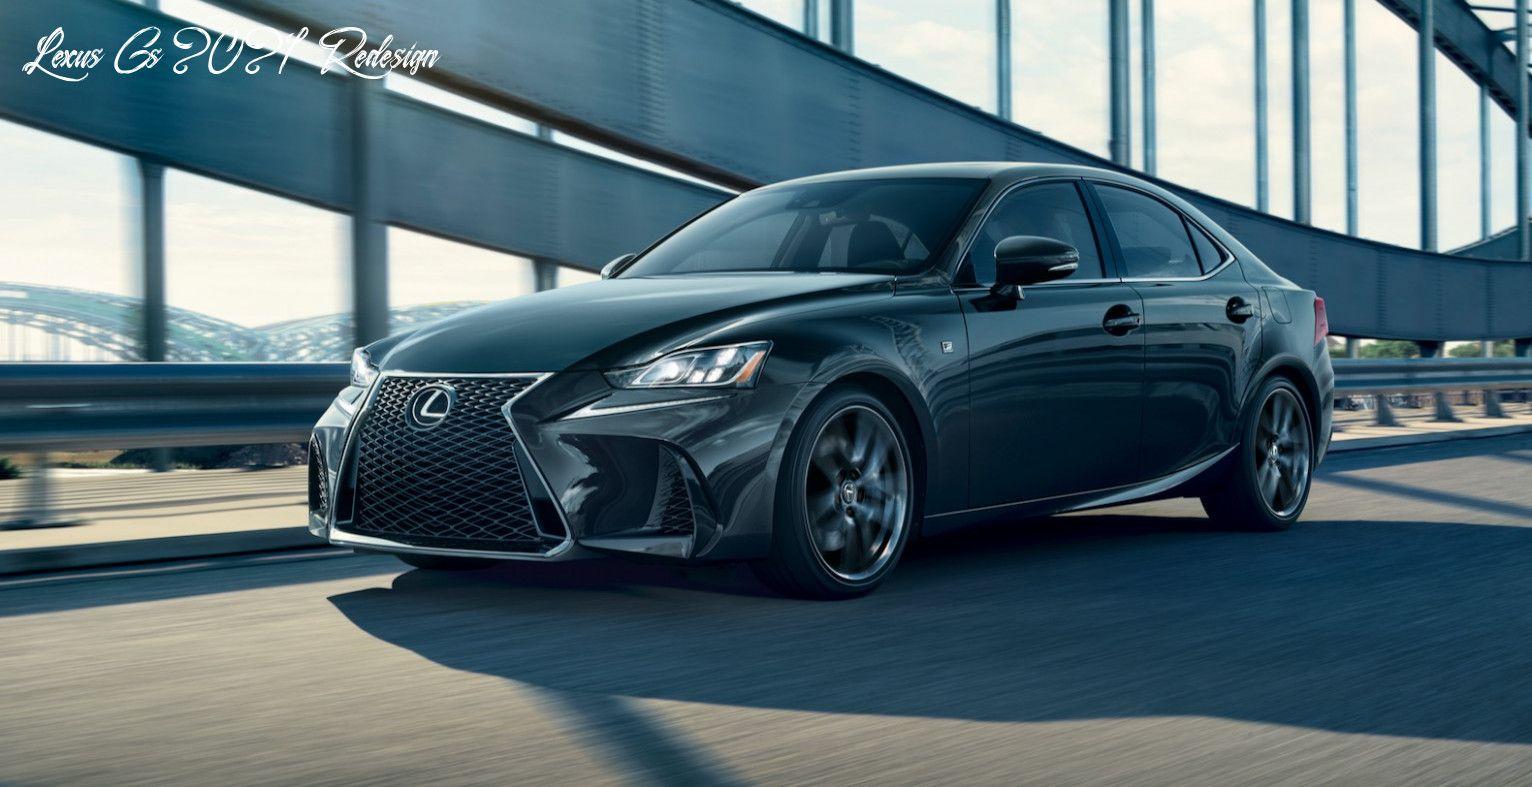 Lexus Gs 2021 Redesign History in 2020 Lexus, Lexus isf